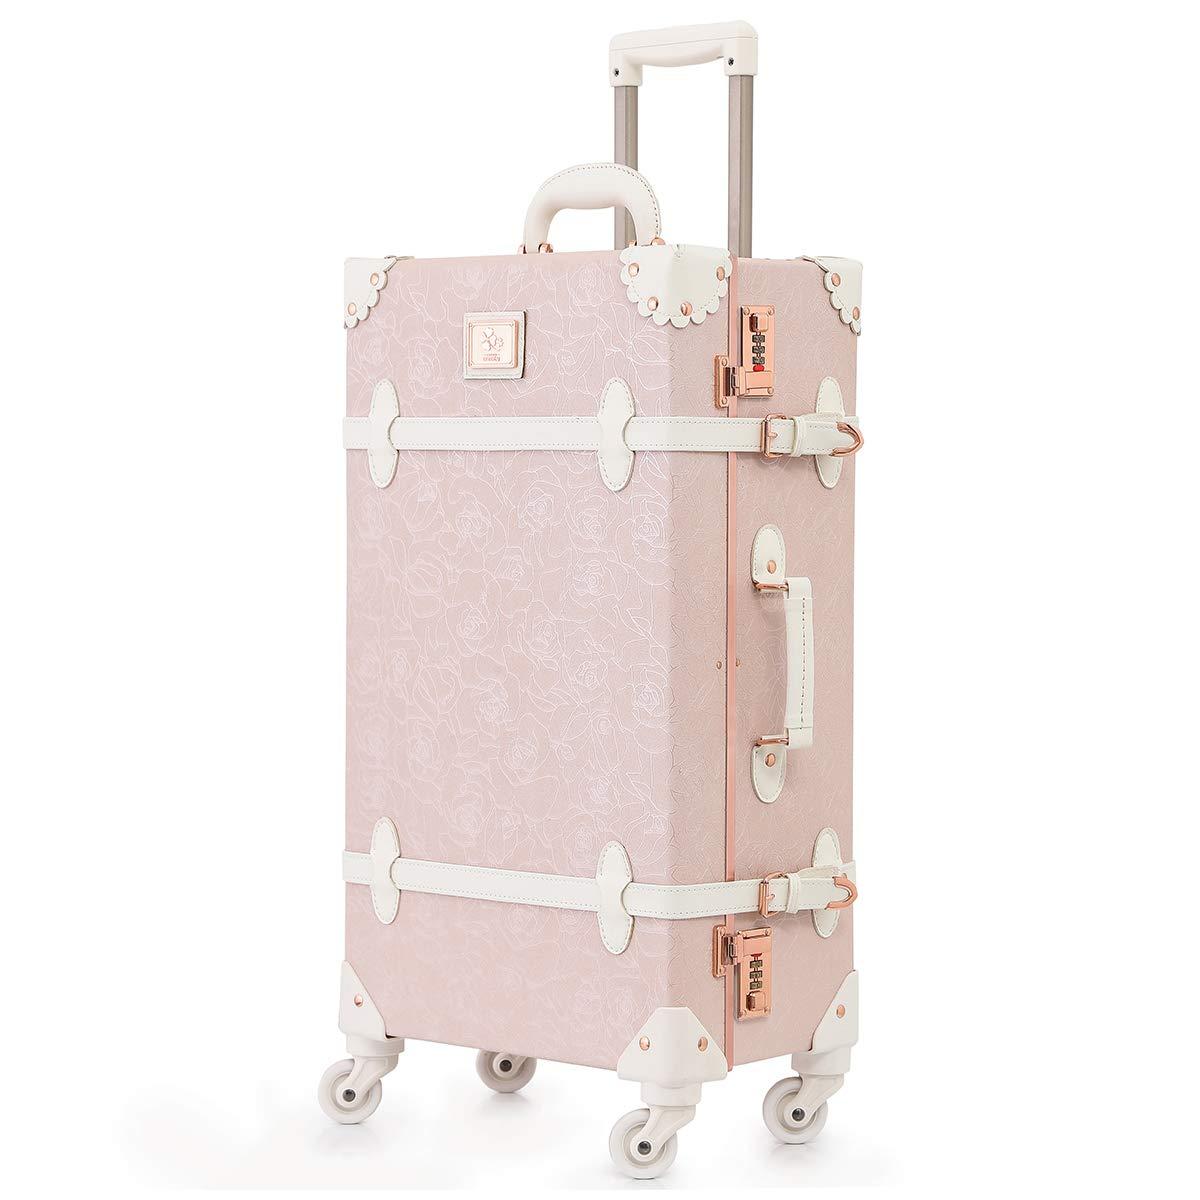 可愛い スーツケース クラシック トランク トランクケース ピンク 機内持込 キャリーケース かわいい 子供 女の子 L(26)型 優雅な粉 B07KZWBNB3